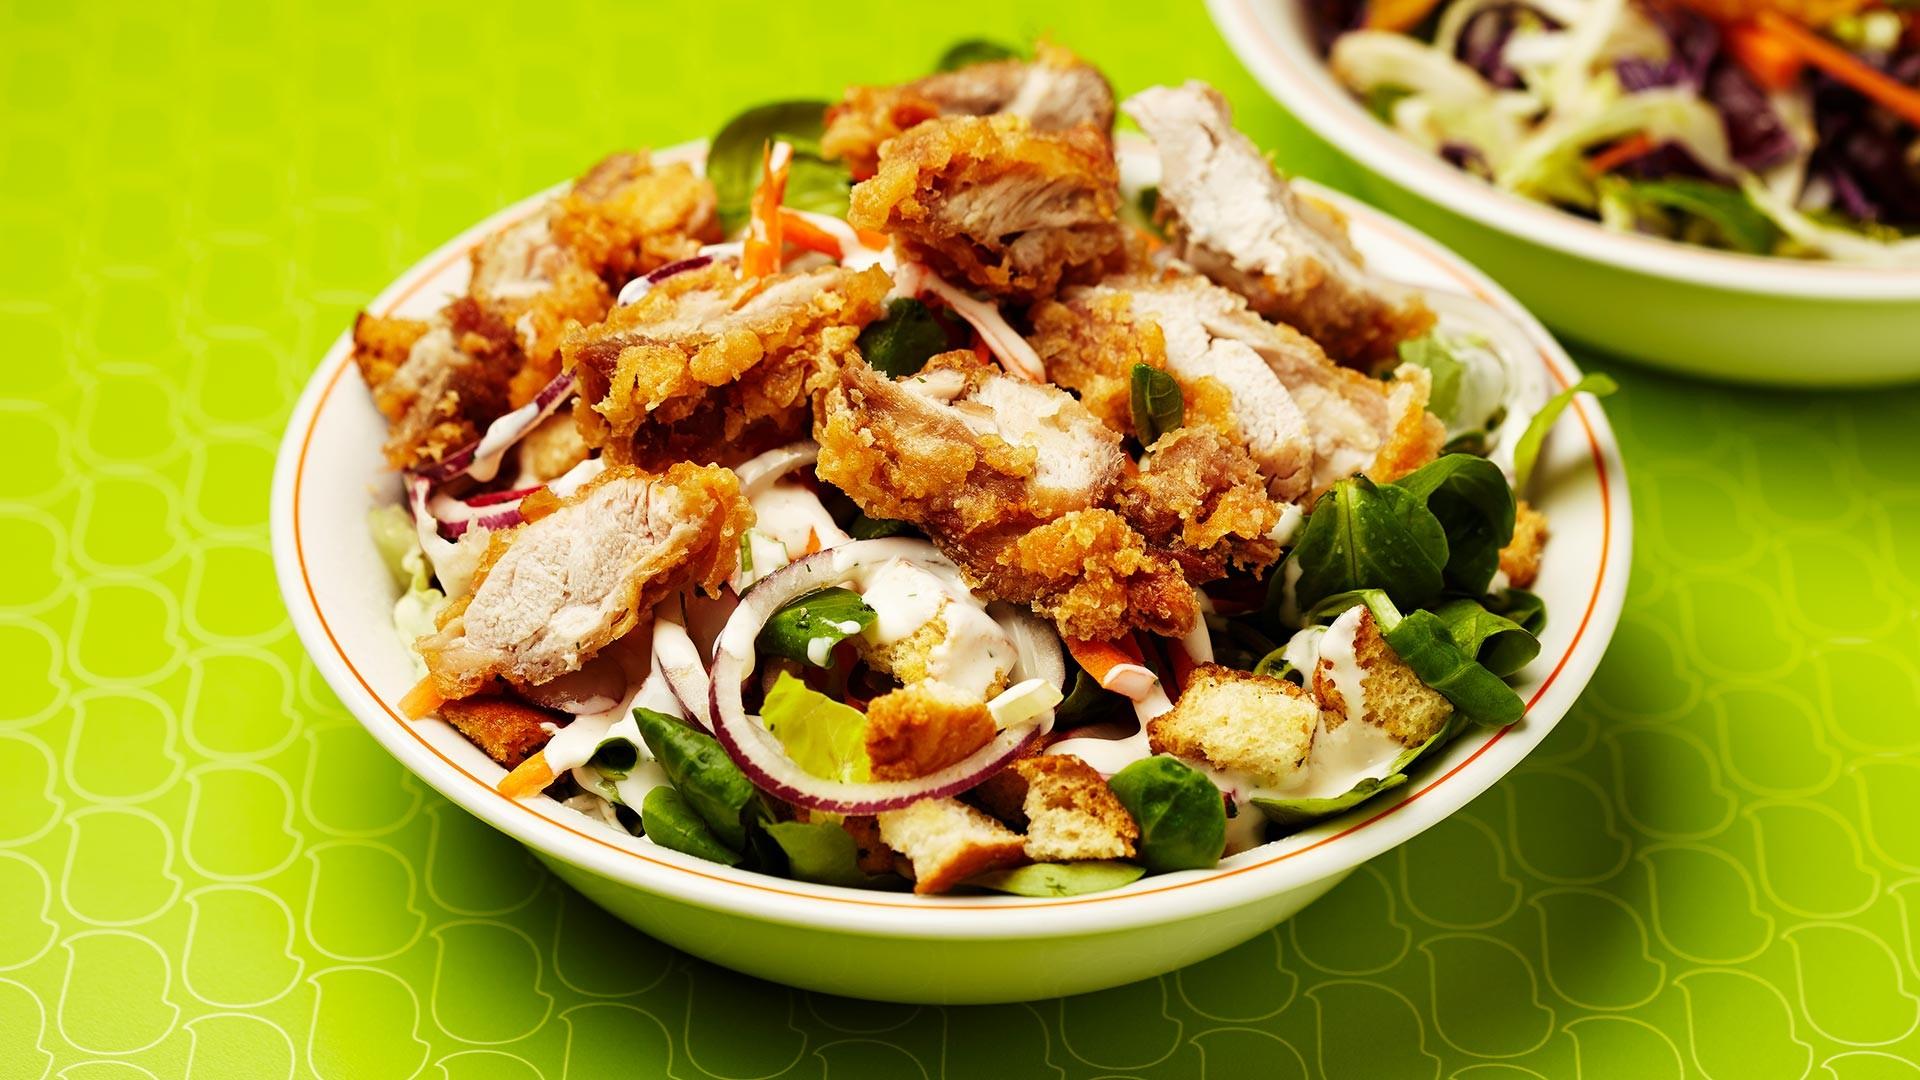 BIRD fried chicken salad